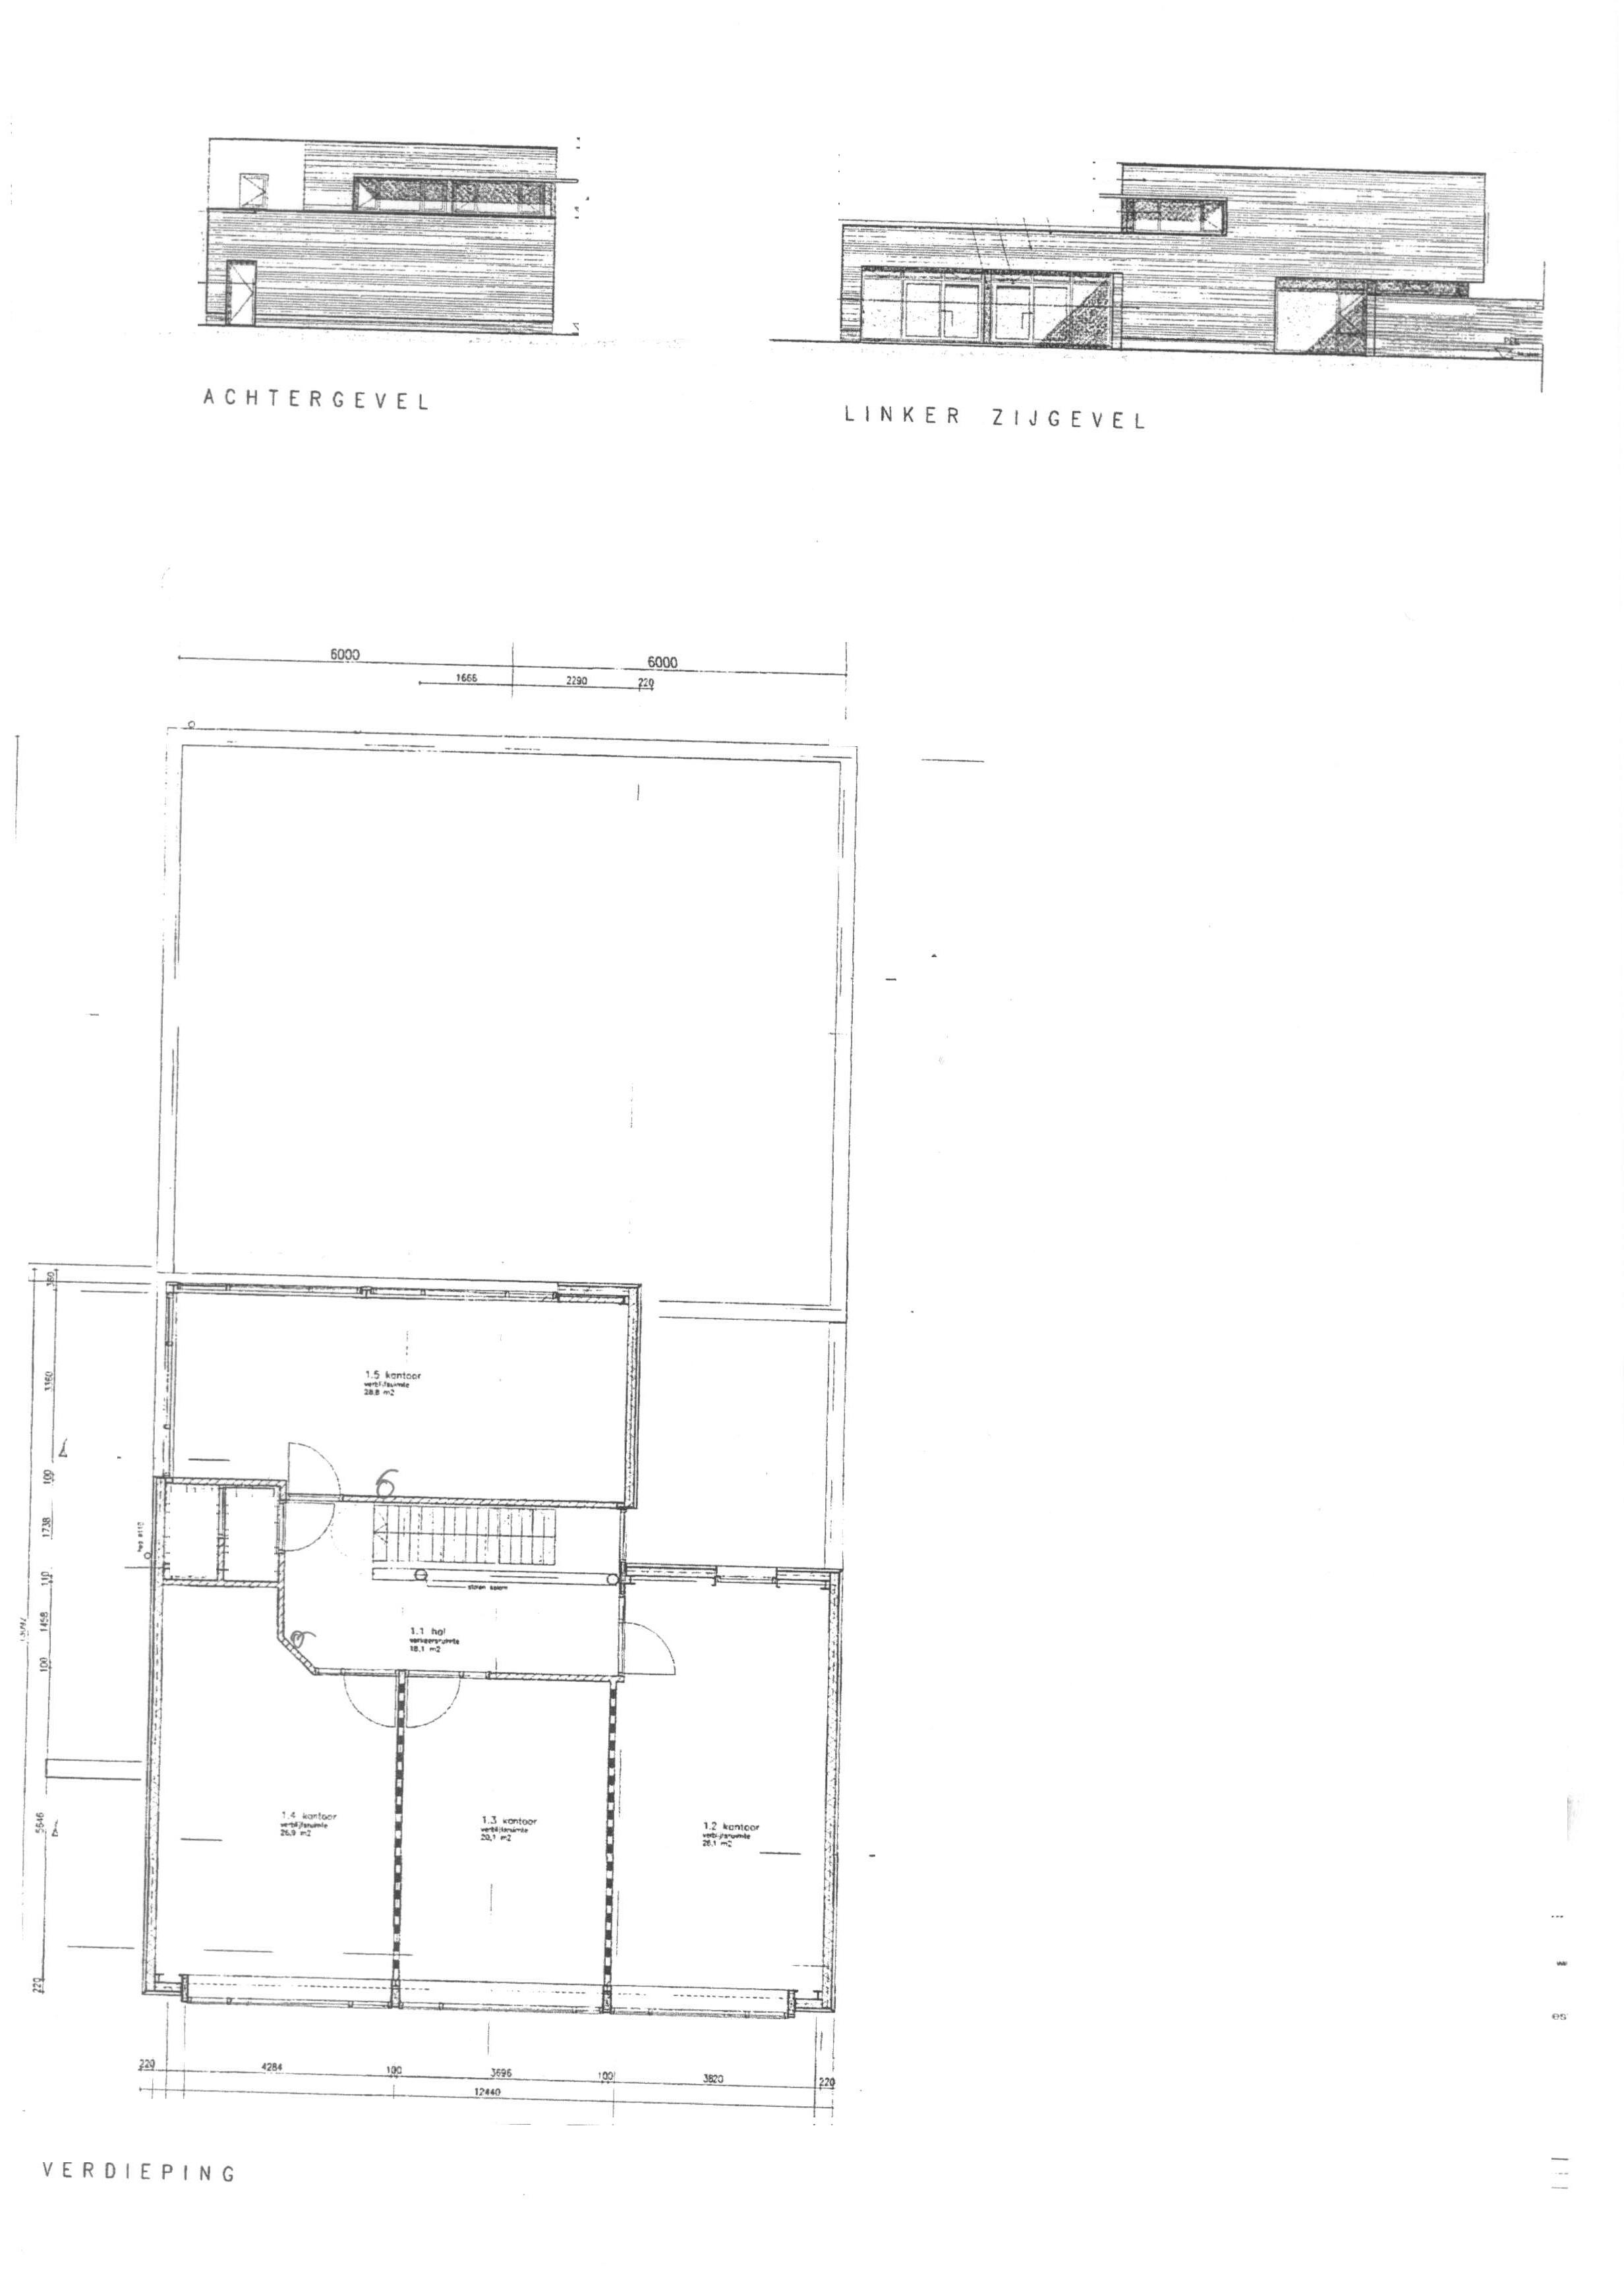 Kantoor/bedrijfsruimte 1ste verdieping